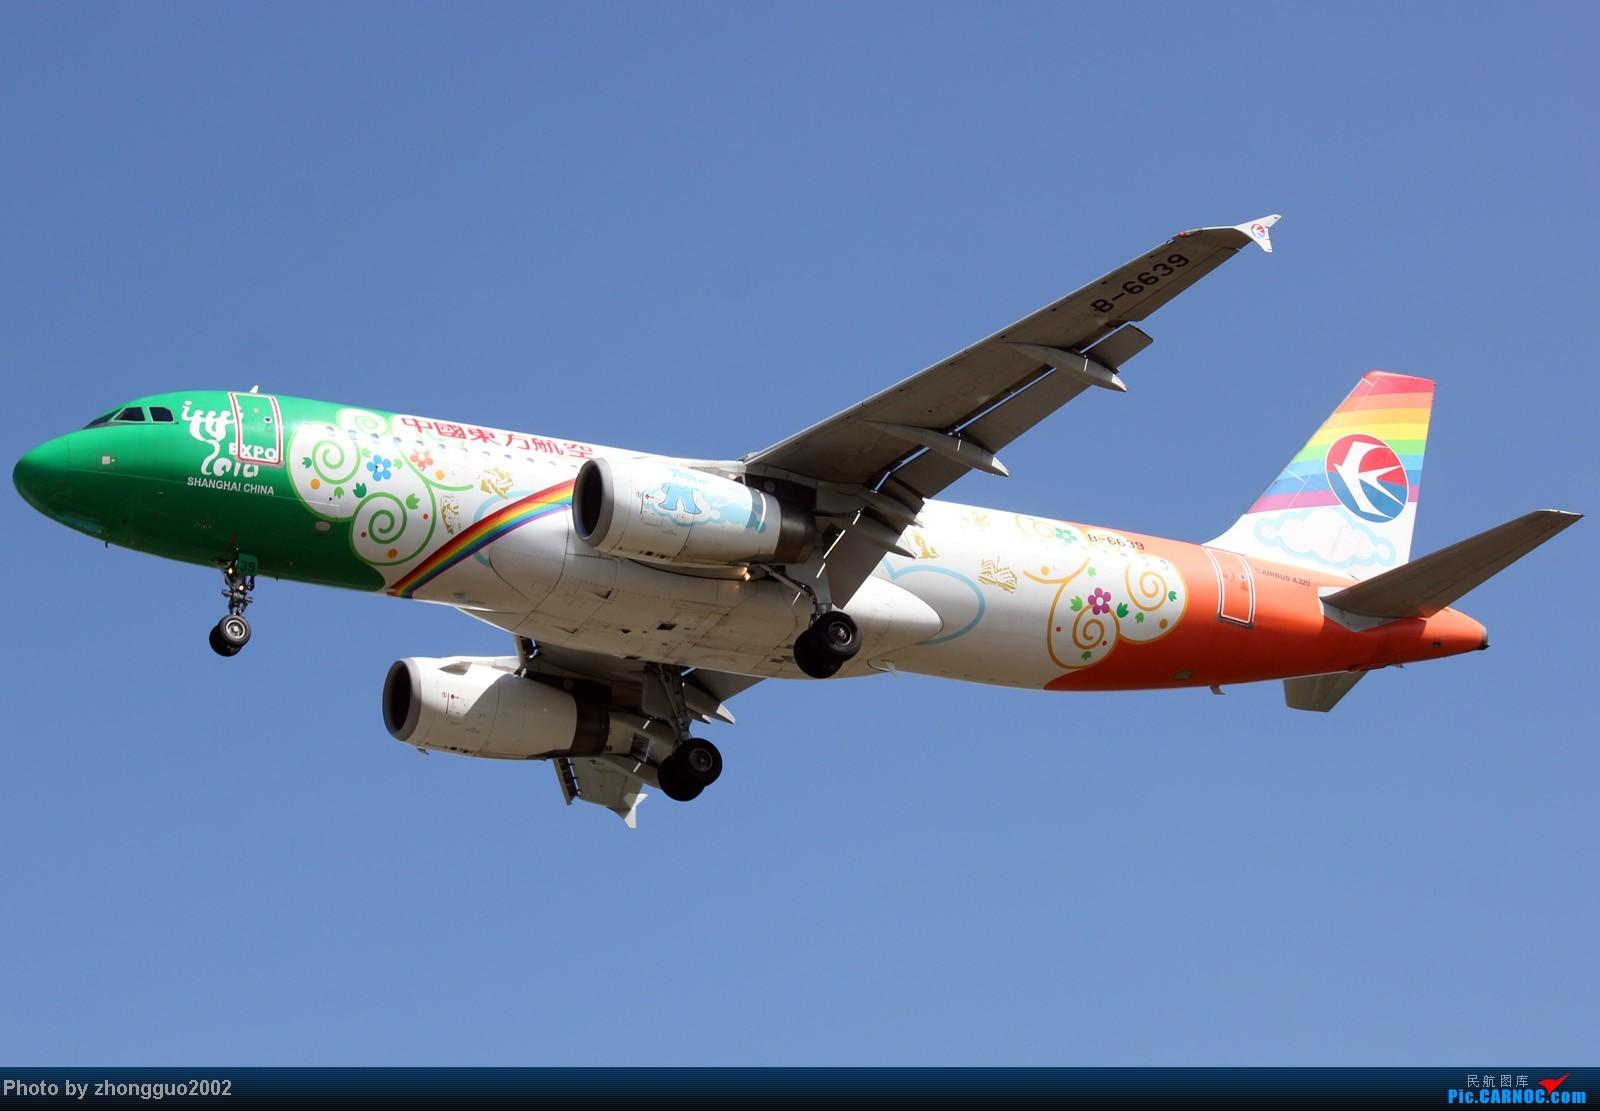 Re:[原创]东航的新邮戳321,世博彩绘机,南航、瑞丽、河北、深圳航空的新飞机,香港航空、长荣航空、远东、韩国济州航空的飞机,国航772,大大小小一堆飞机!!!! AIRBUS A320-200 B-6639 中国呼和浩特白塔机场